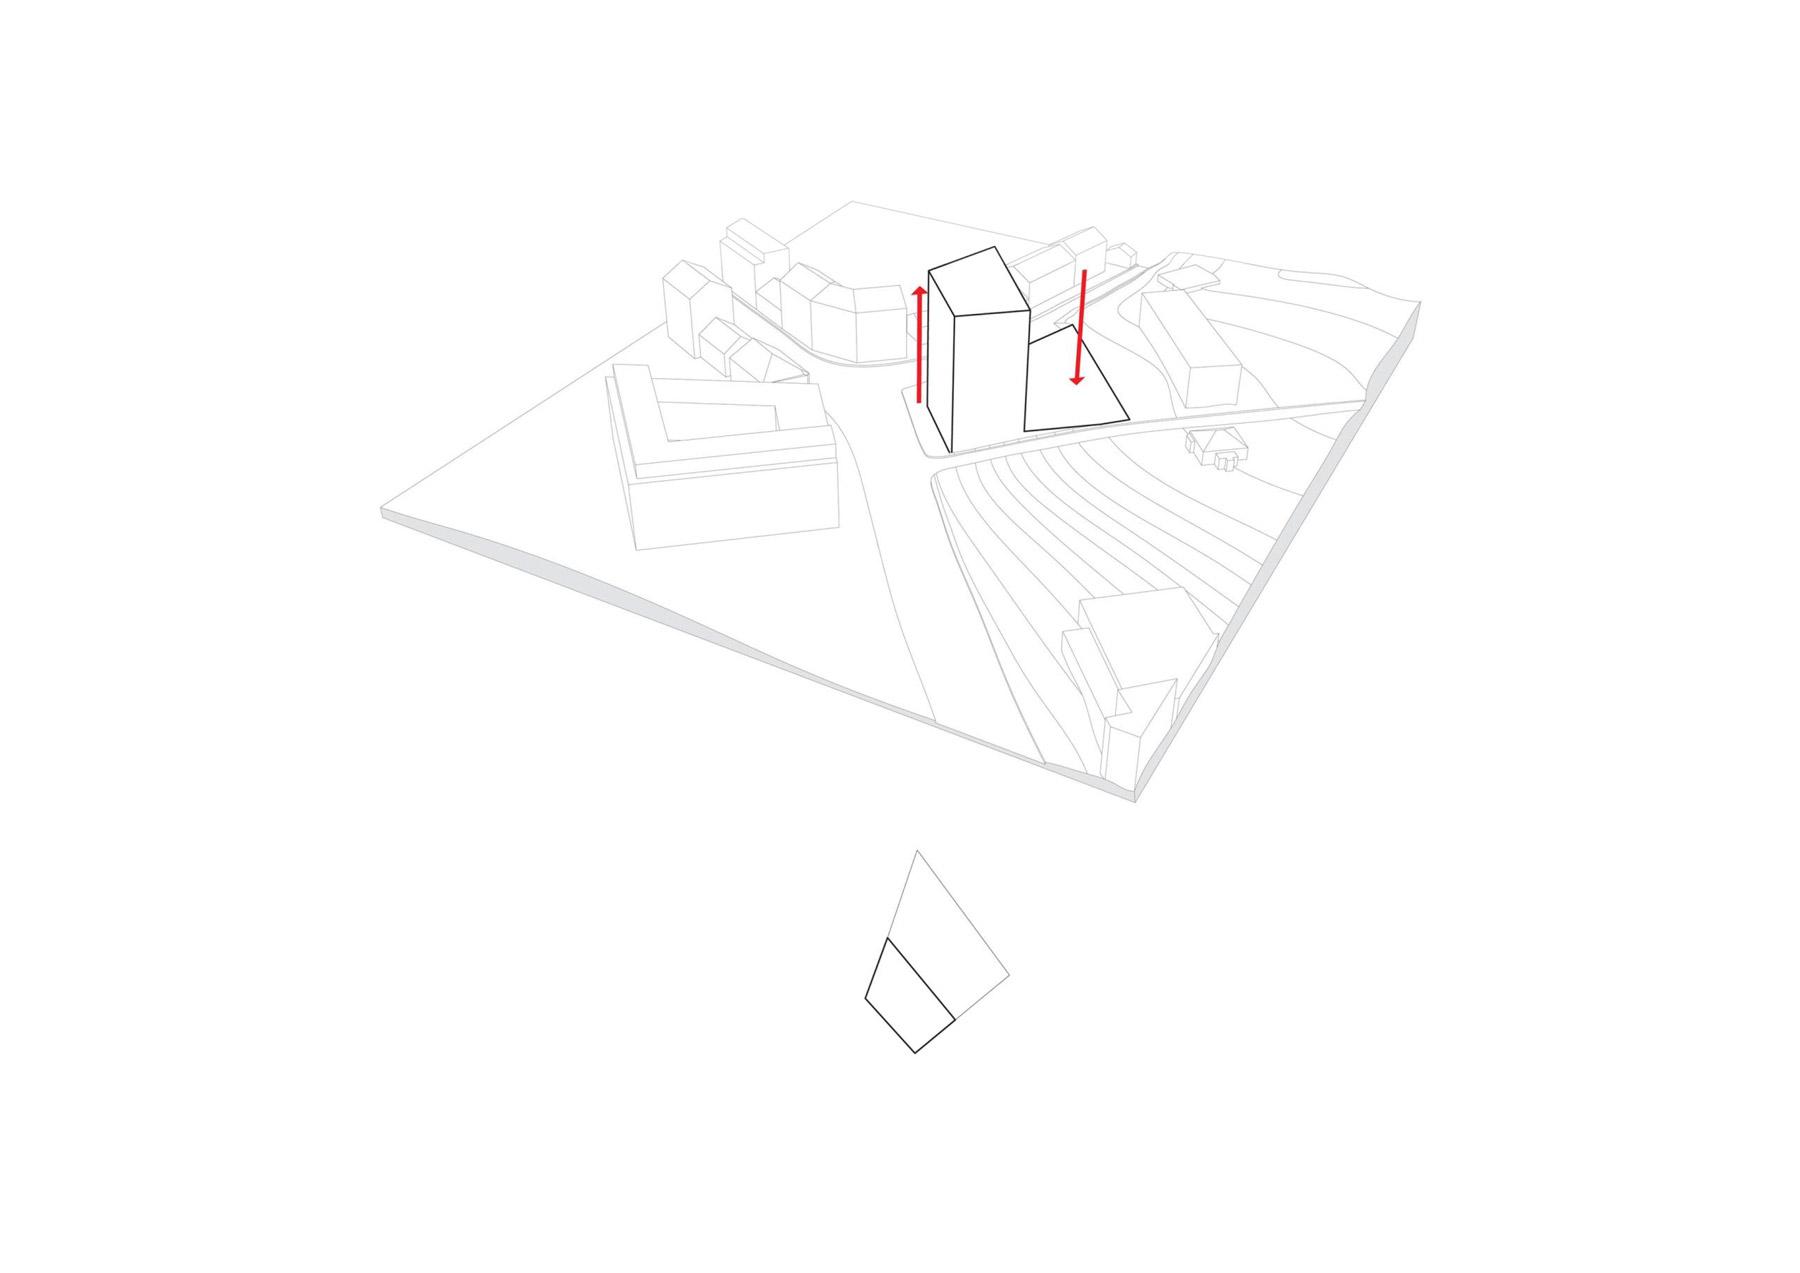 127_Plüddemanngasse_venta_waltendorf_slide_06